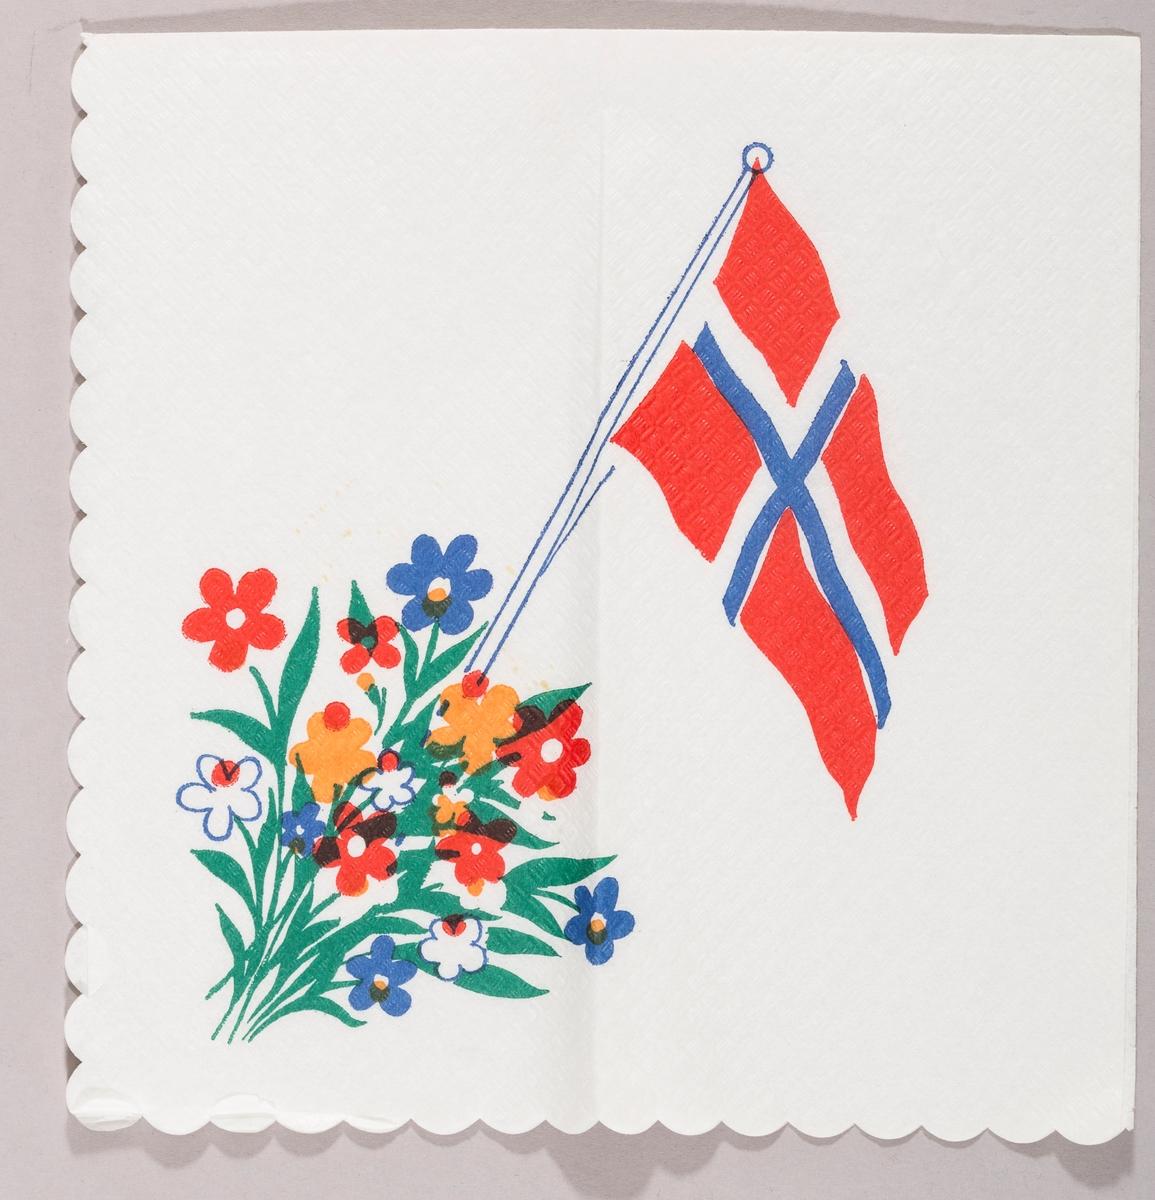 Et norsk flagg og blomster i mange farger.